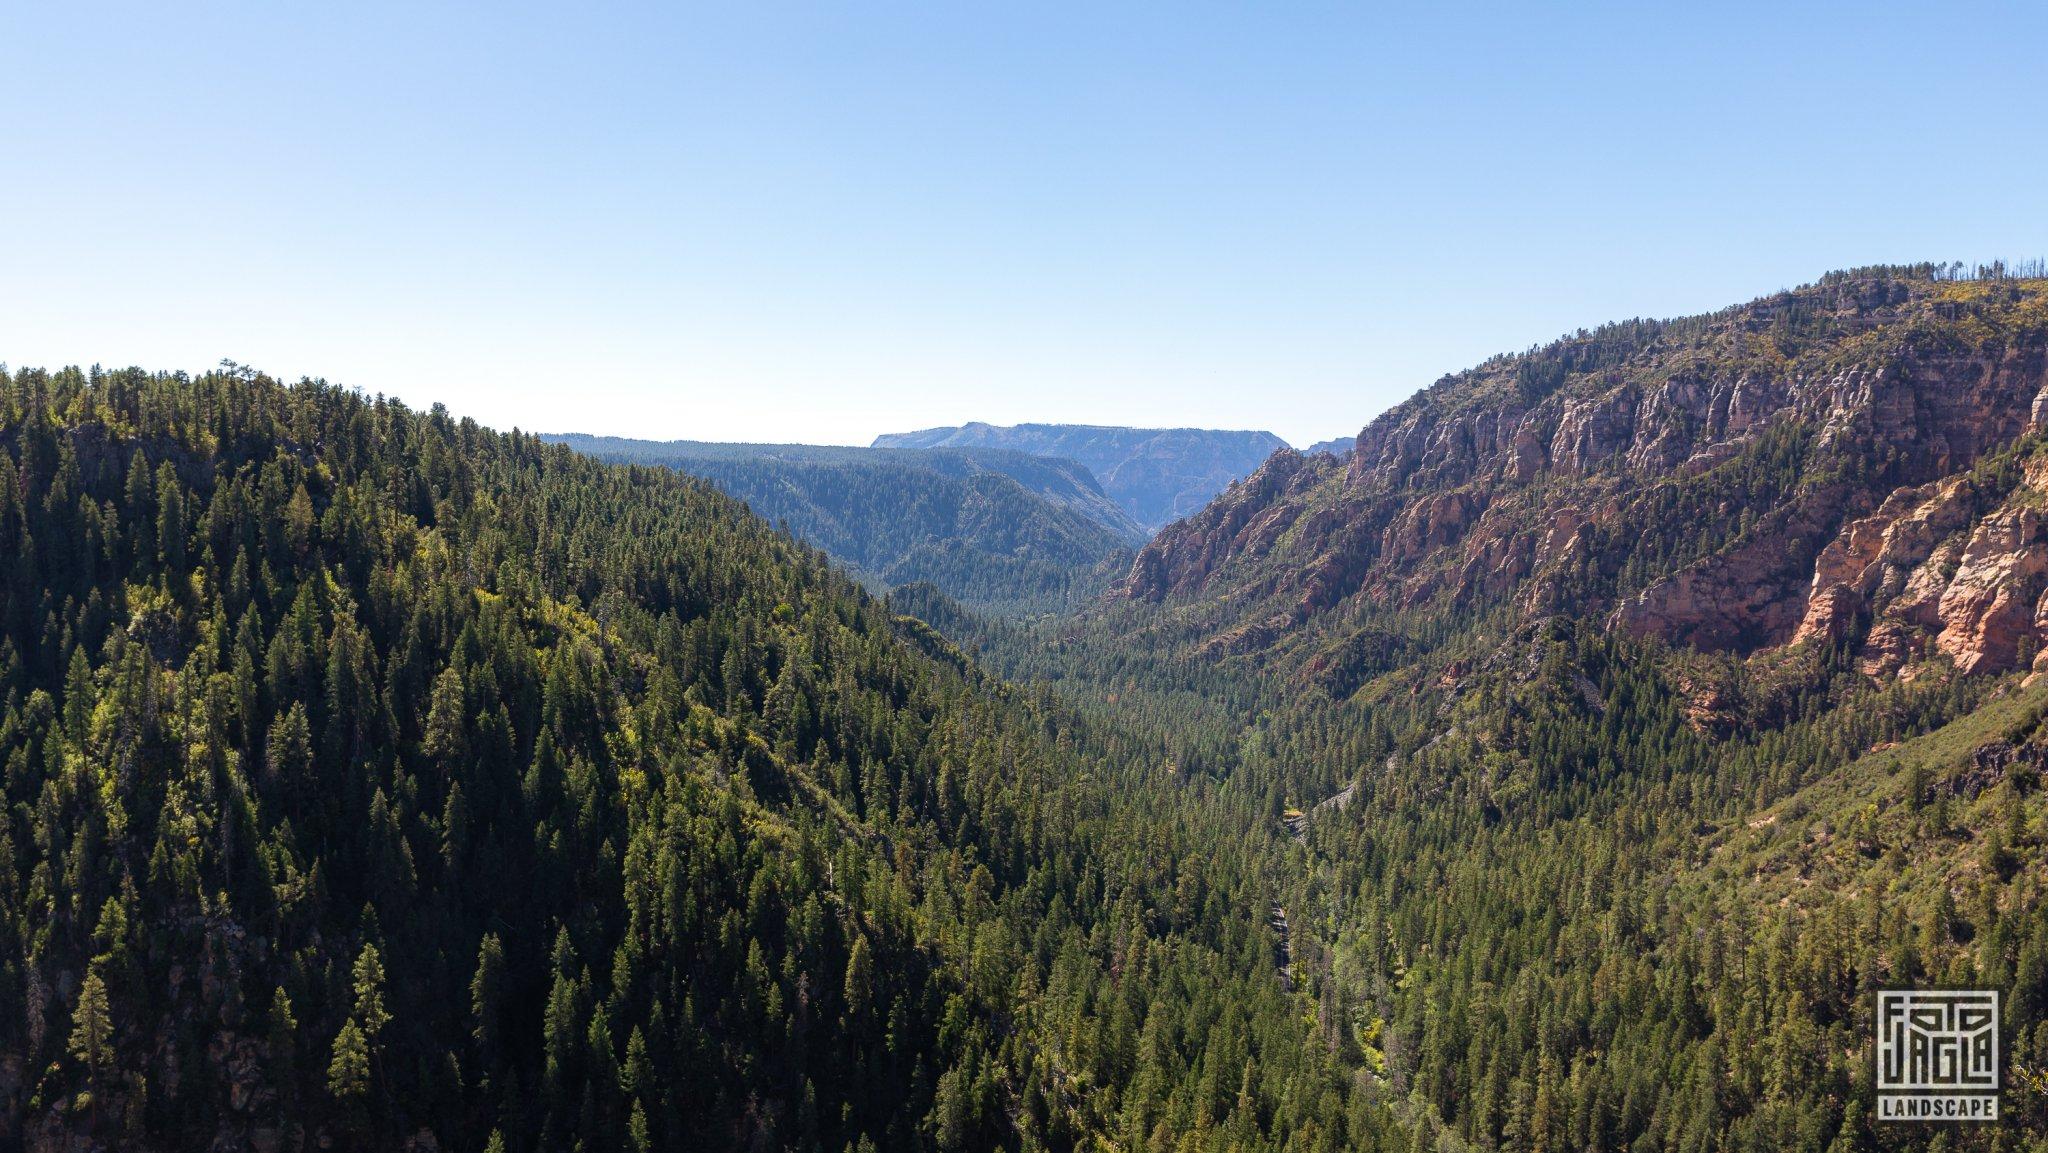 Oak Creek Vista Overlook in Sedona Arizona, USA 2019